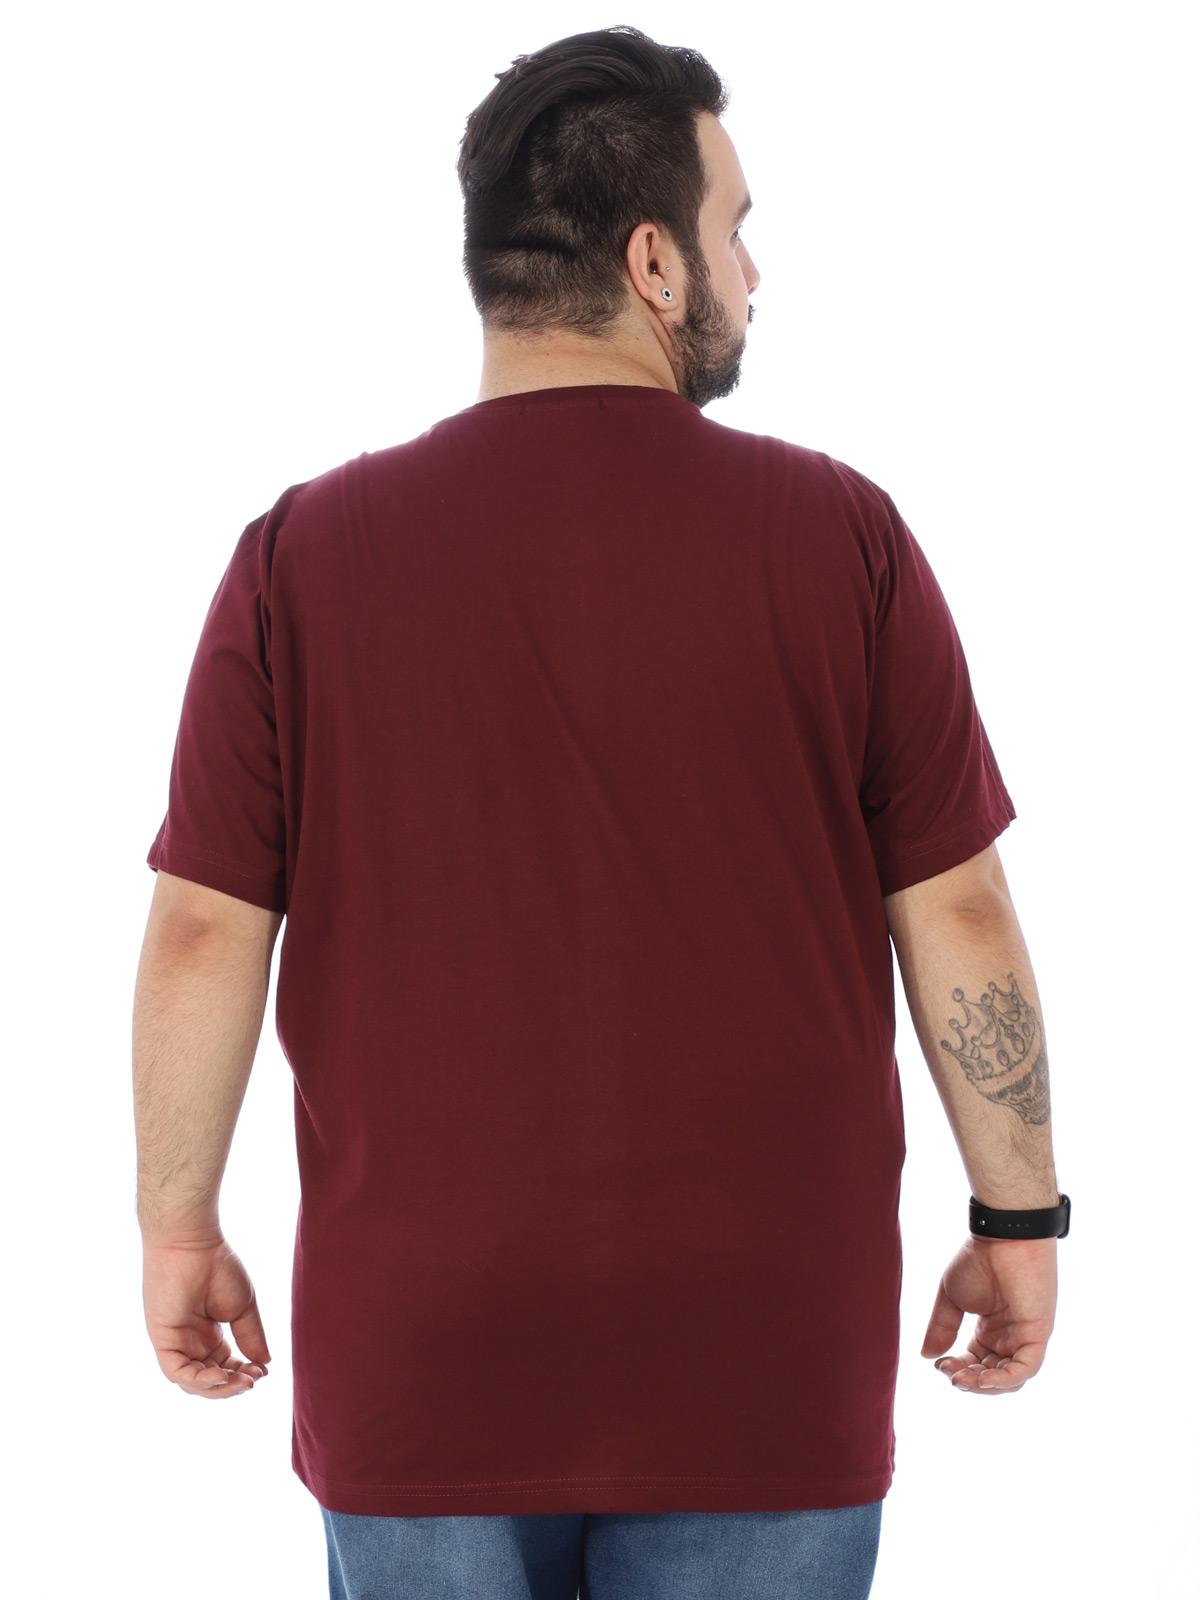 Camiseta Plus Size Masculina Manga Curta Gola Redonda Vinho